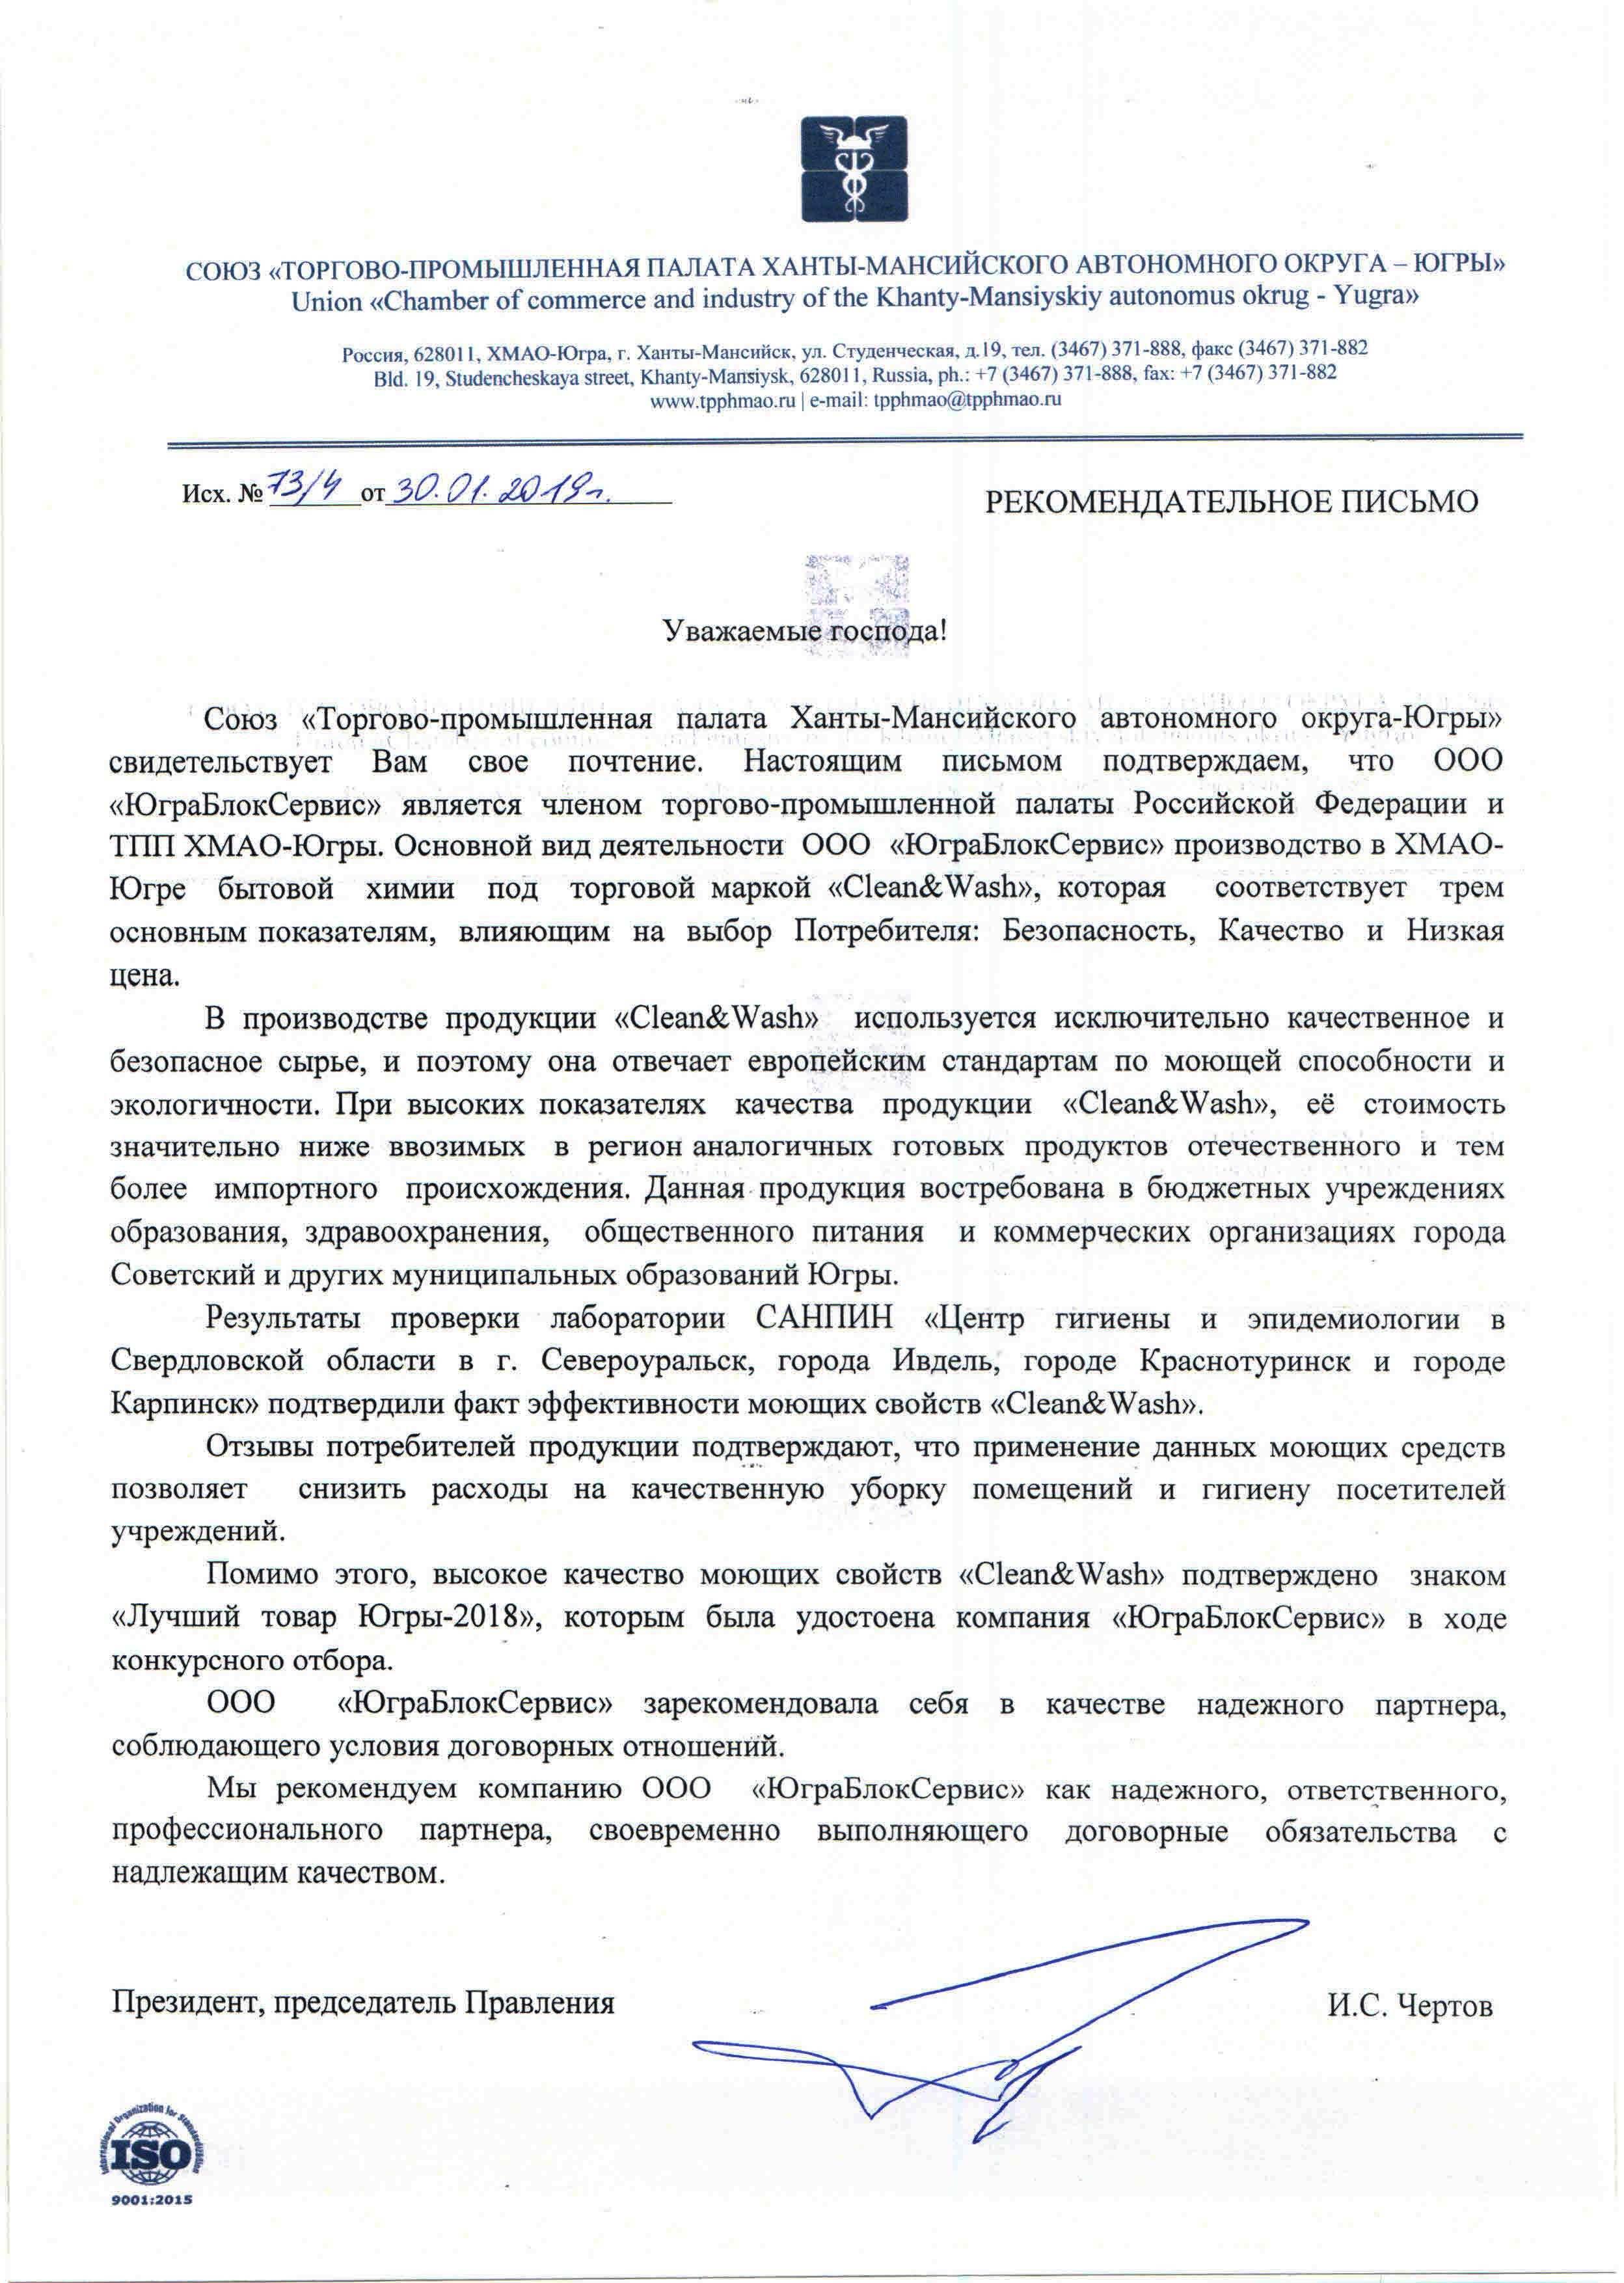 Рекомендательное письмо для ООО ЮграБС